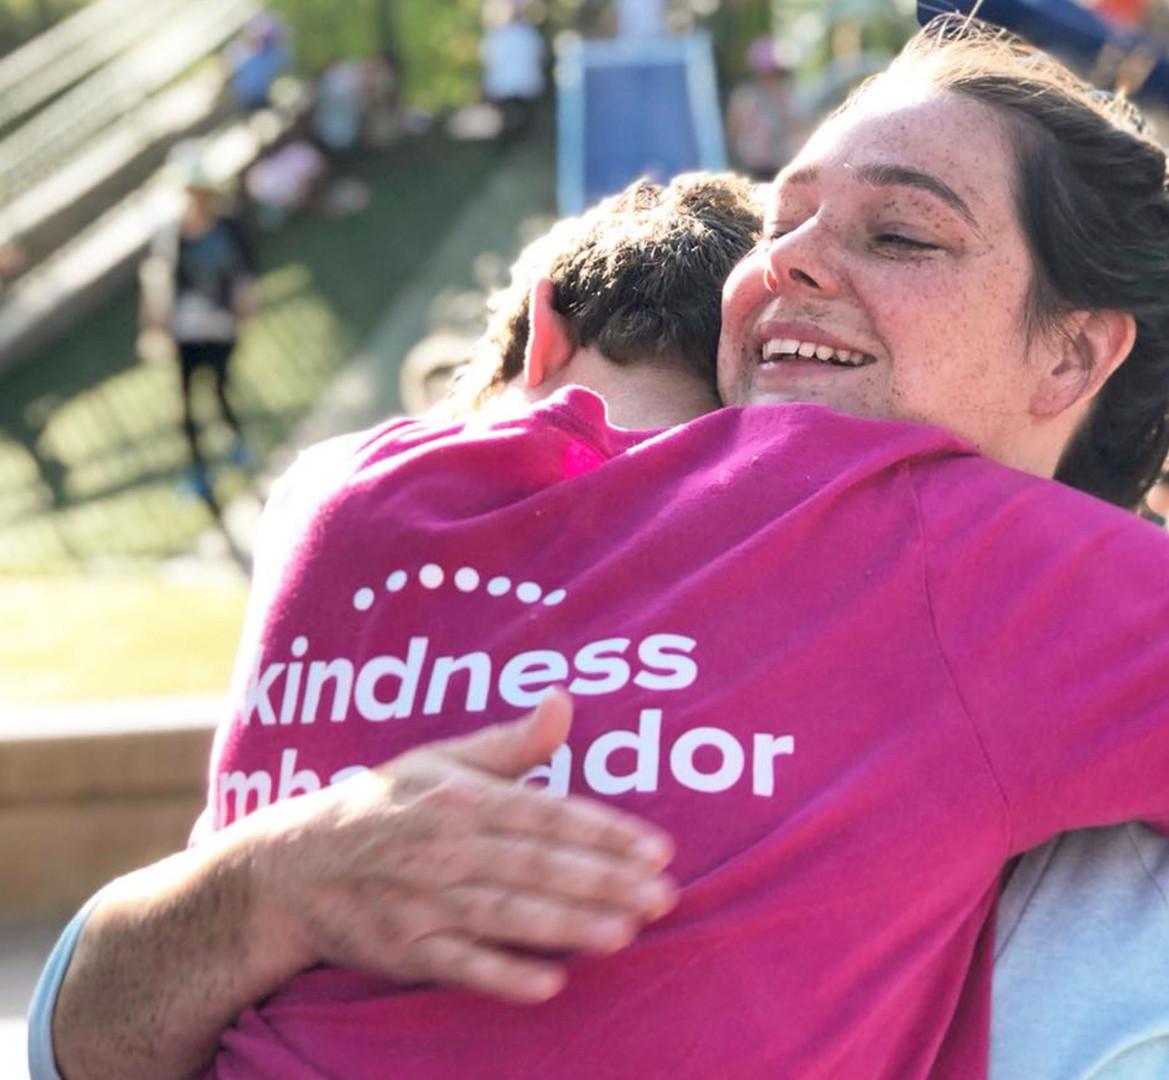 Kindness Ambassador 6.JPG